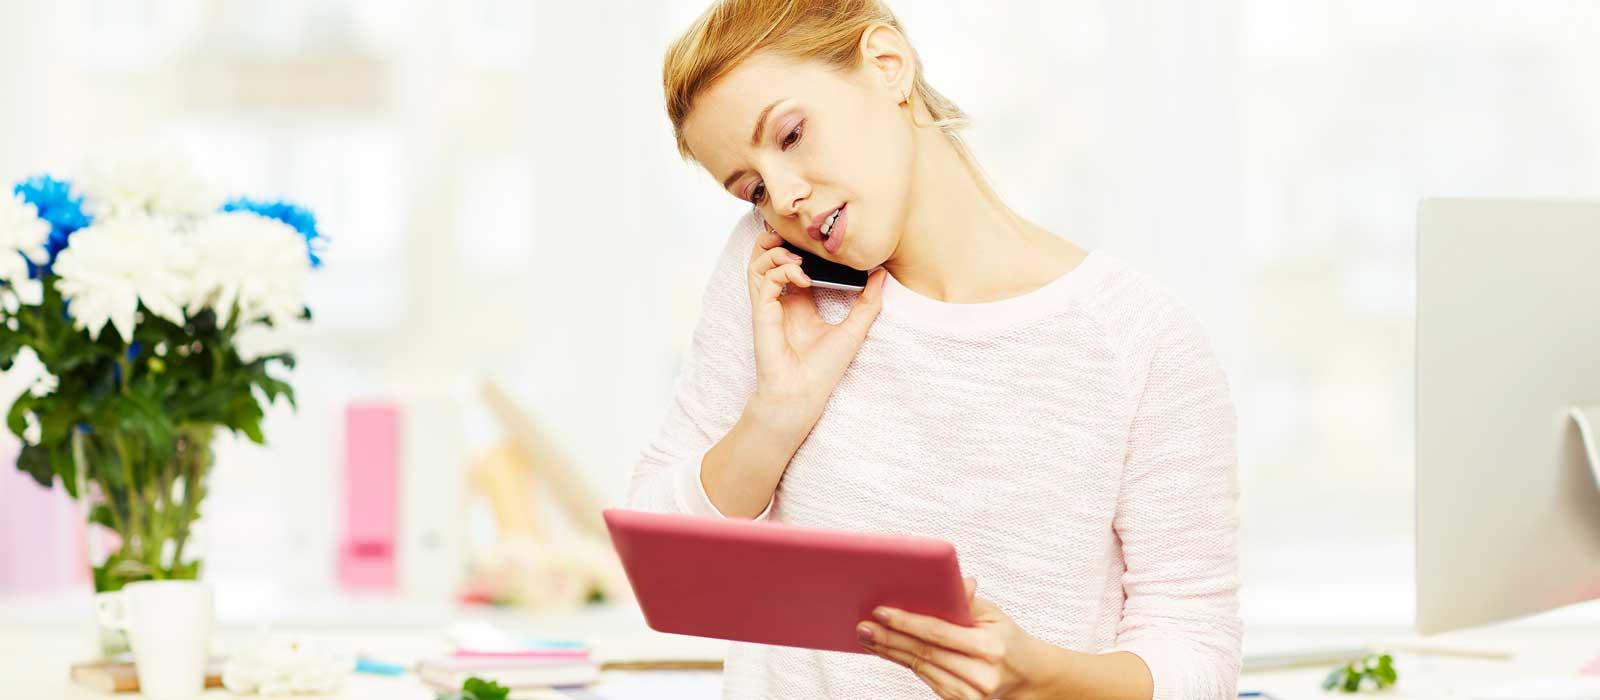 Symbolbild zur Vorbestellung zeigt eine Frau mit einem Mobiltelefon und einem Tablet-PC